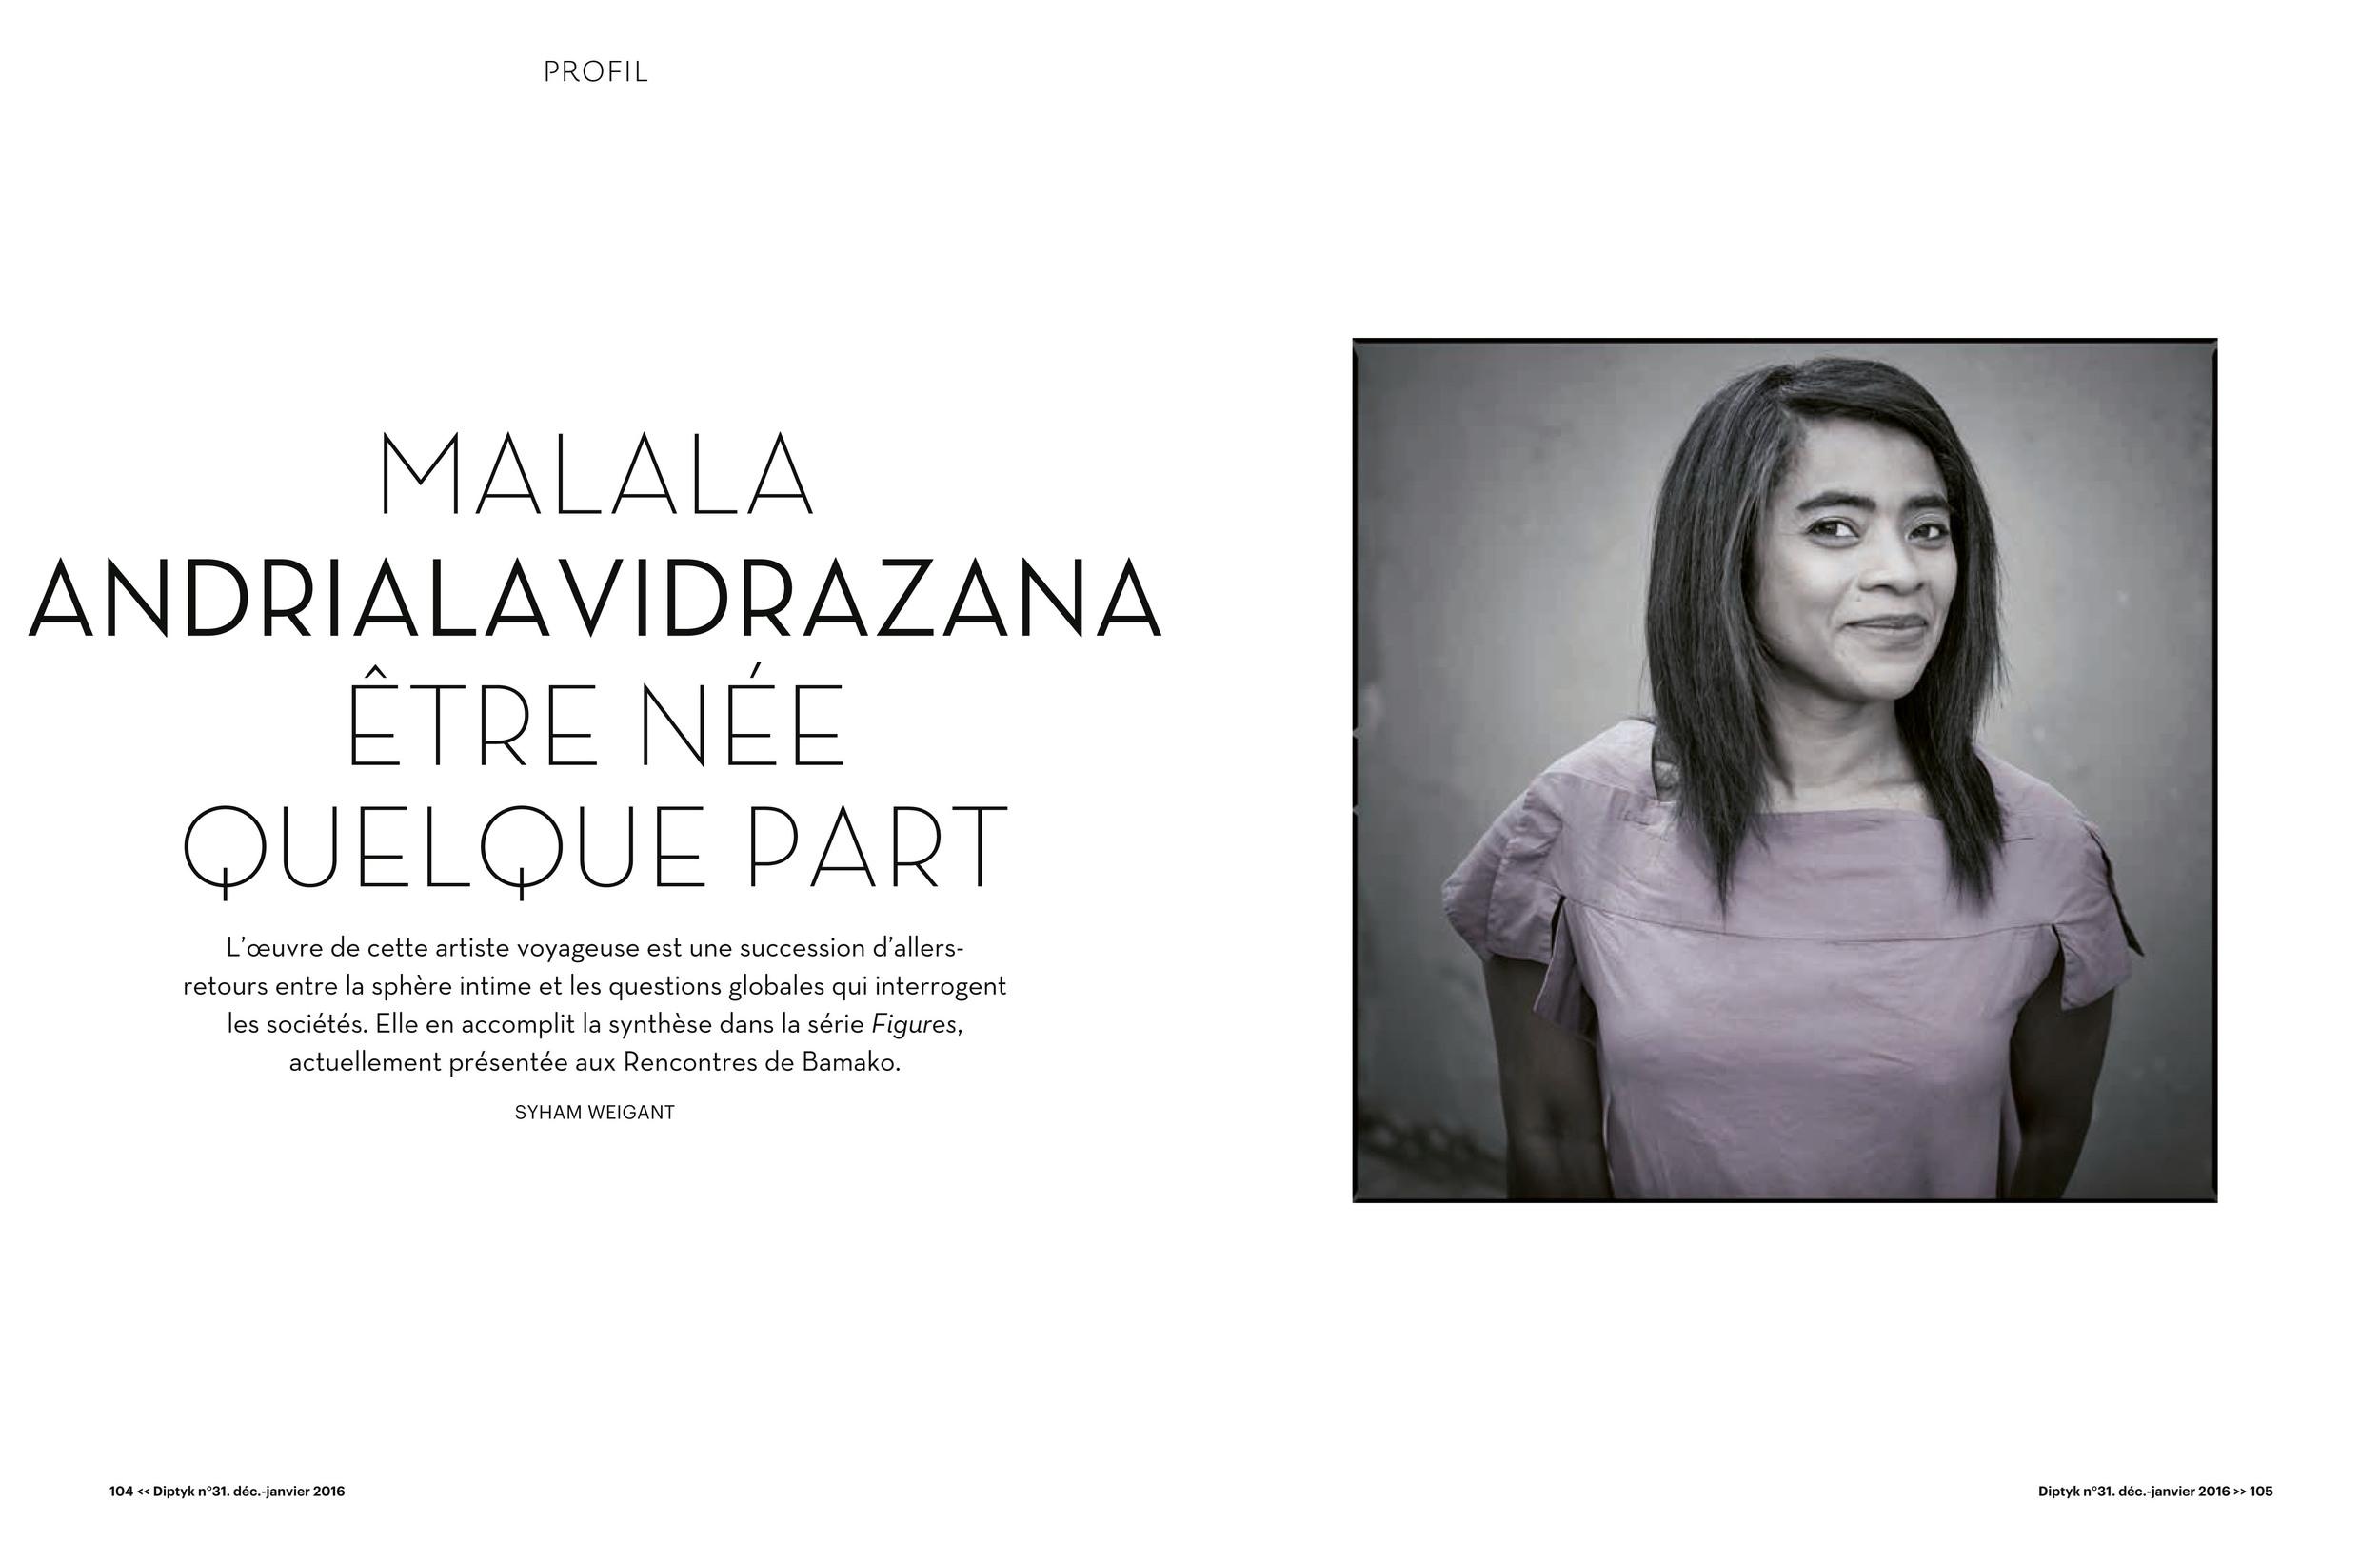 Malala Andrialavidrazana by Syham Weigant